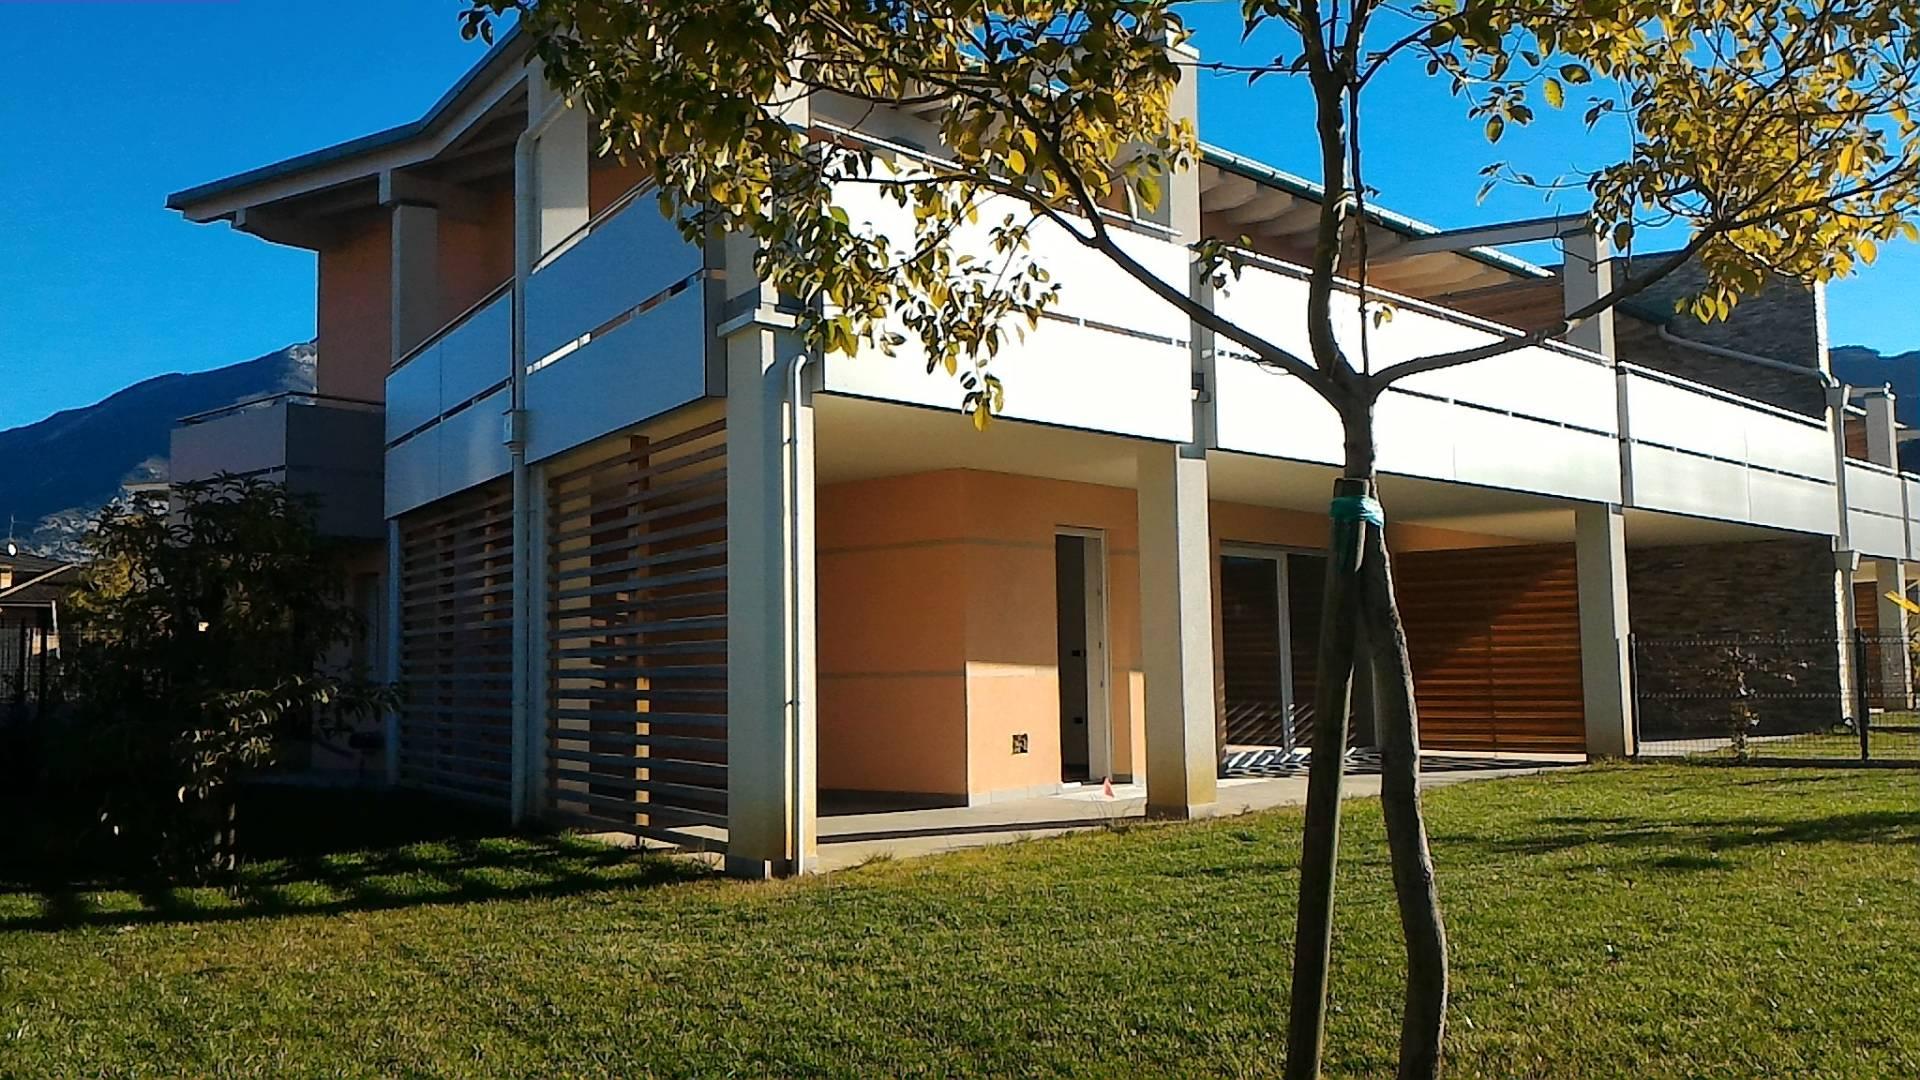 Villa a Schiera in vendita a Riva del Garda, 4 locali, Trattative riservate | Cambio Casa.it